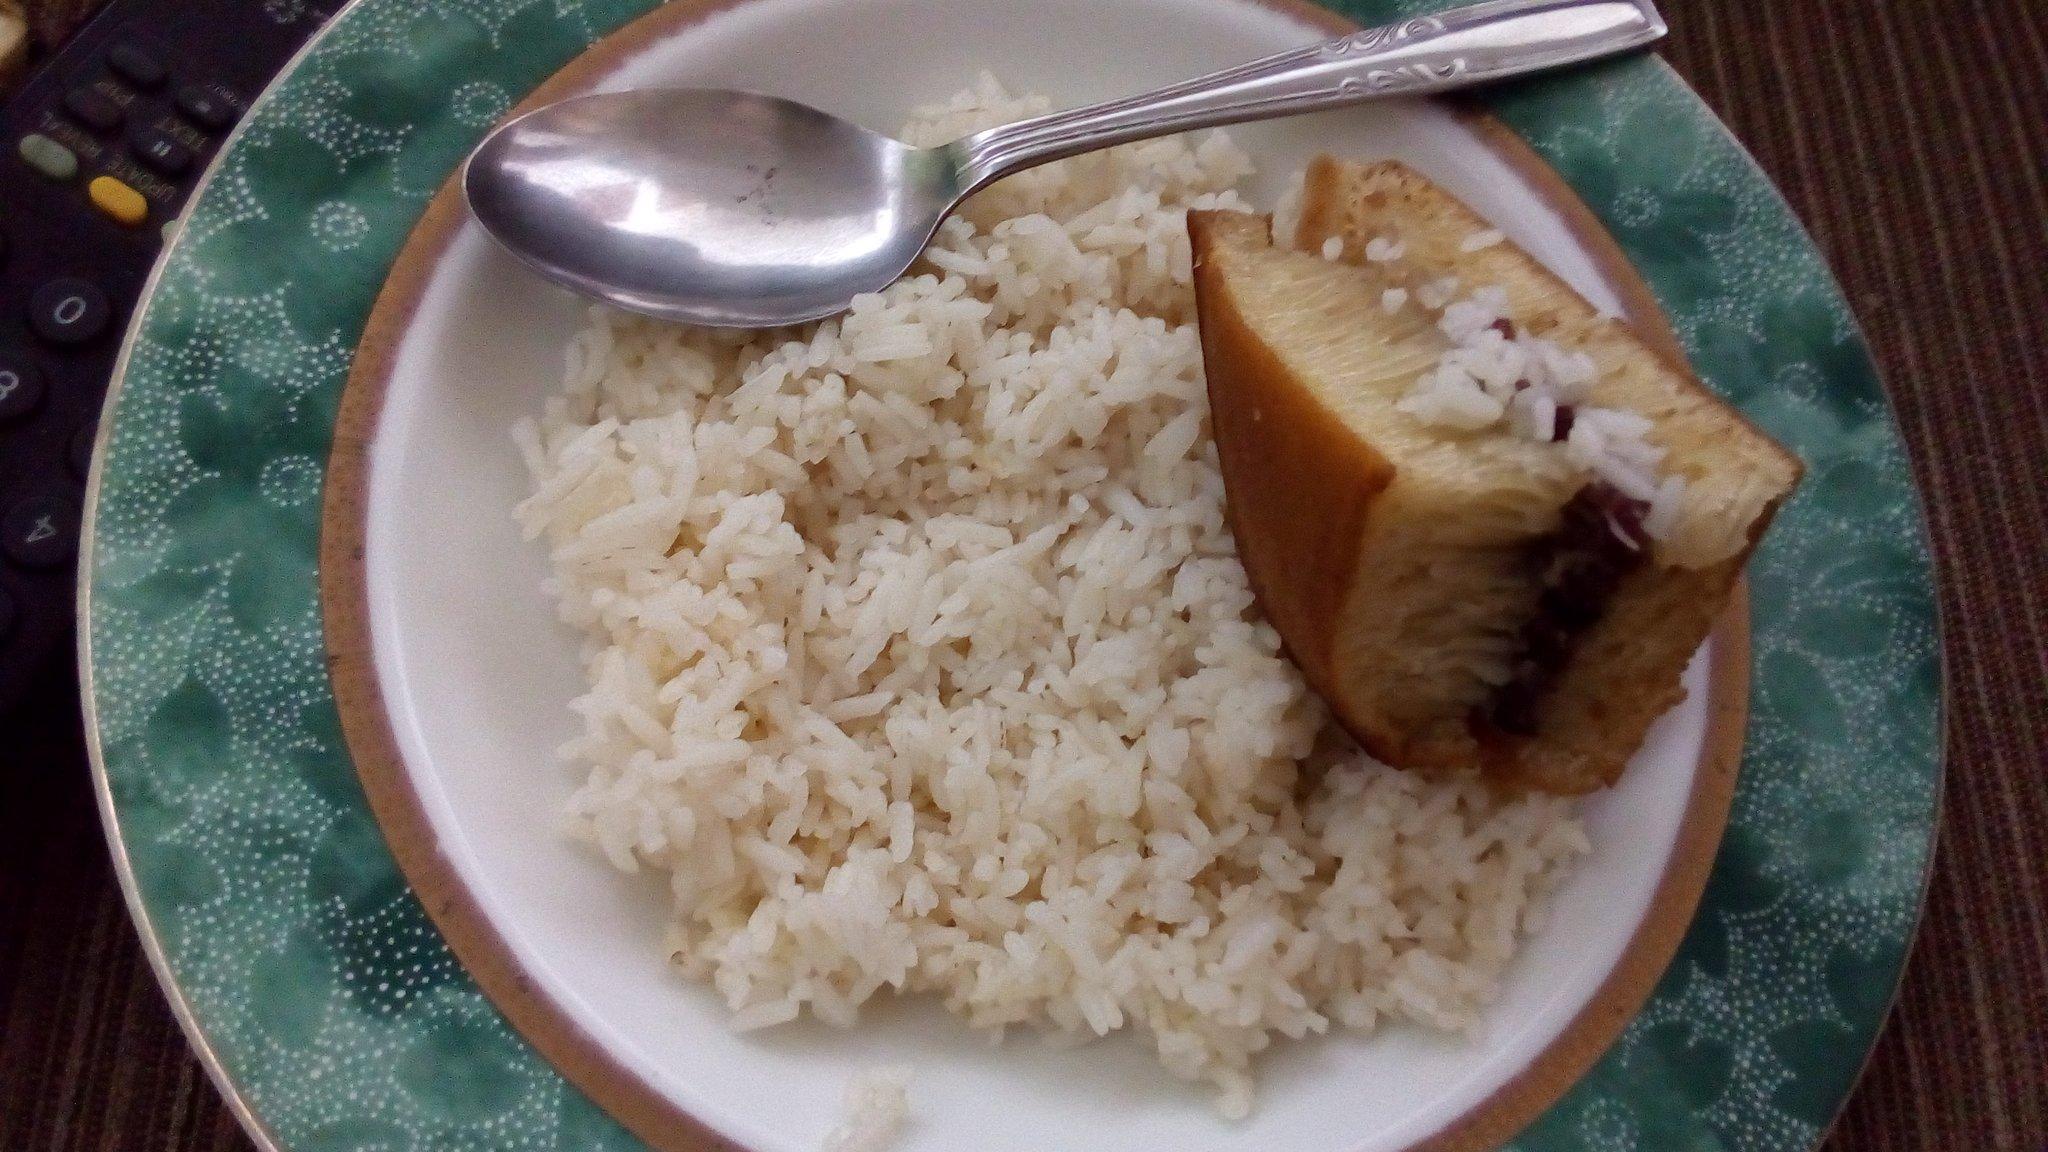 4-foto-ini-membuktikan-orang-indonesia-tidak-bisa-kenyang-tanpa-nasi